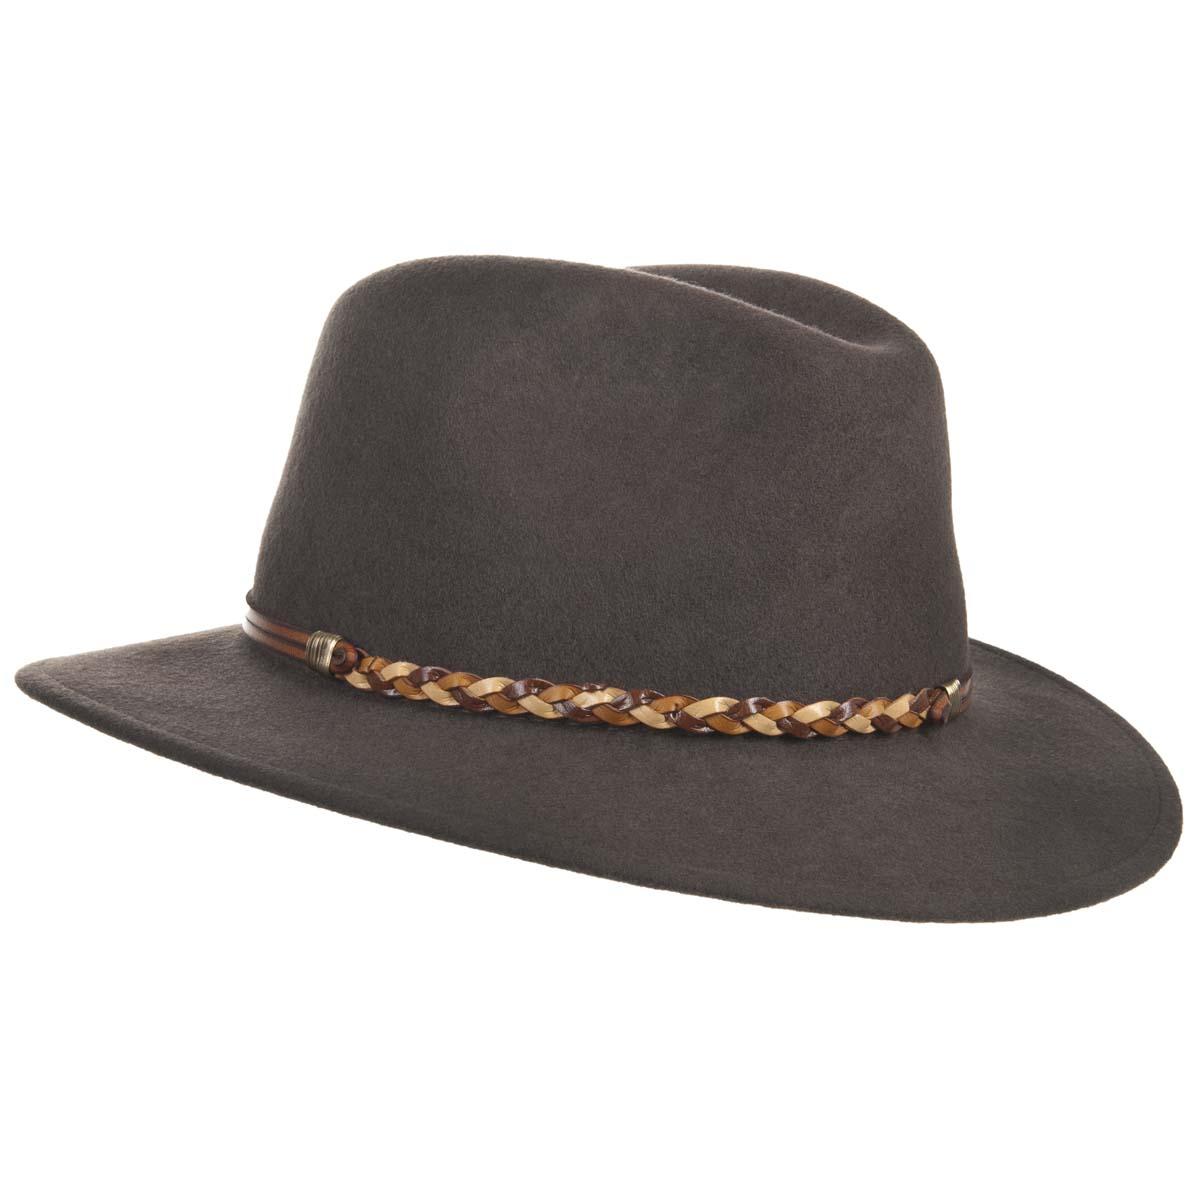 Cappello sportivo in feltro di lana con cinturino intrecciato - Bestseller  ... c93b401a9123